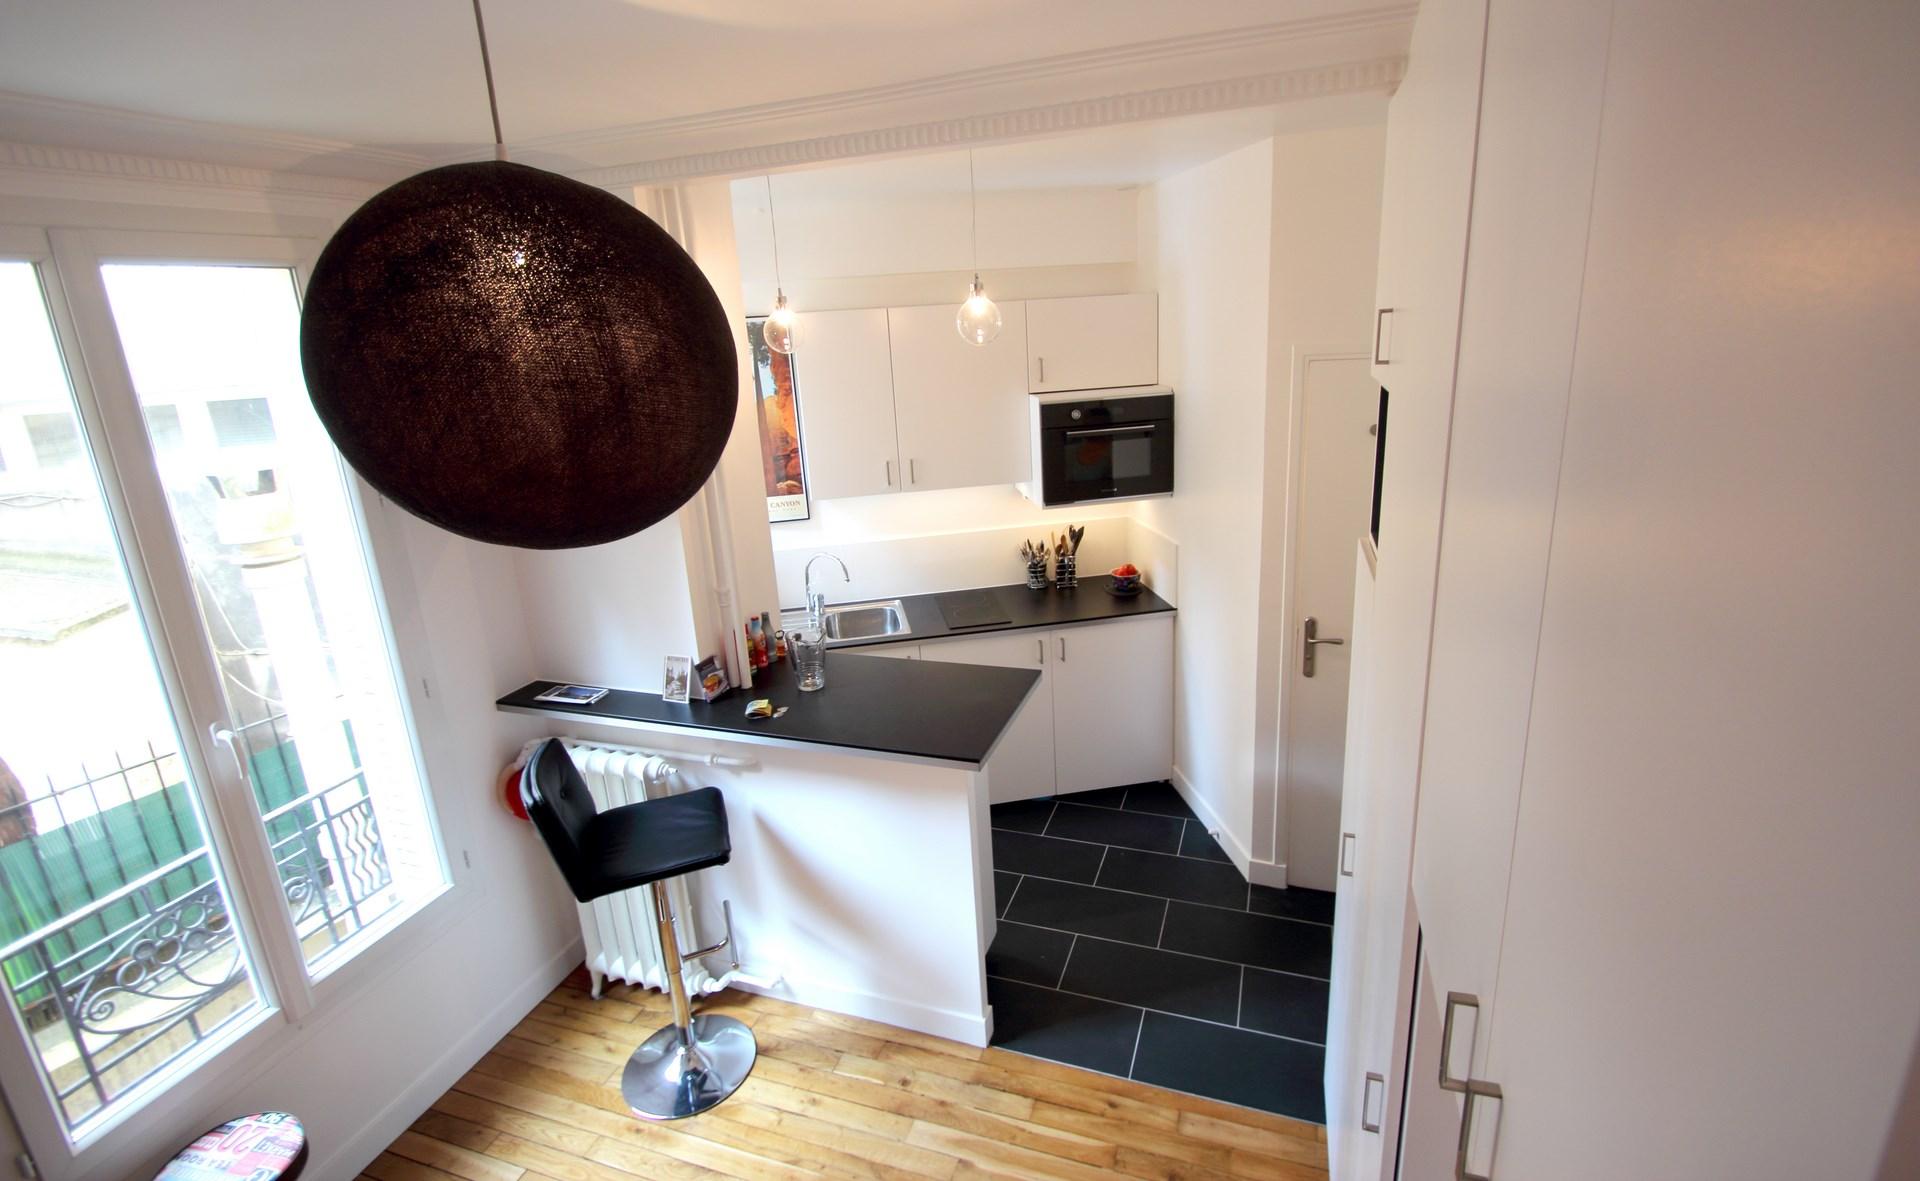 architecte interieur studio amenagement renovation contemporain agence avous